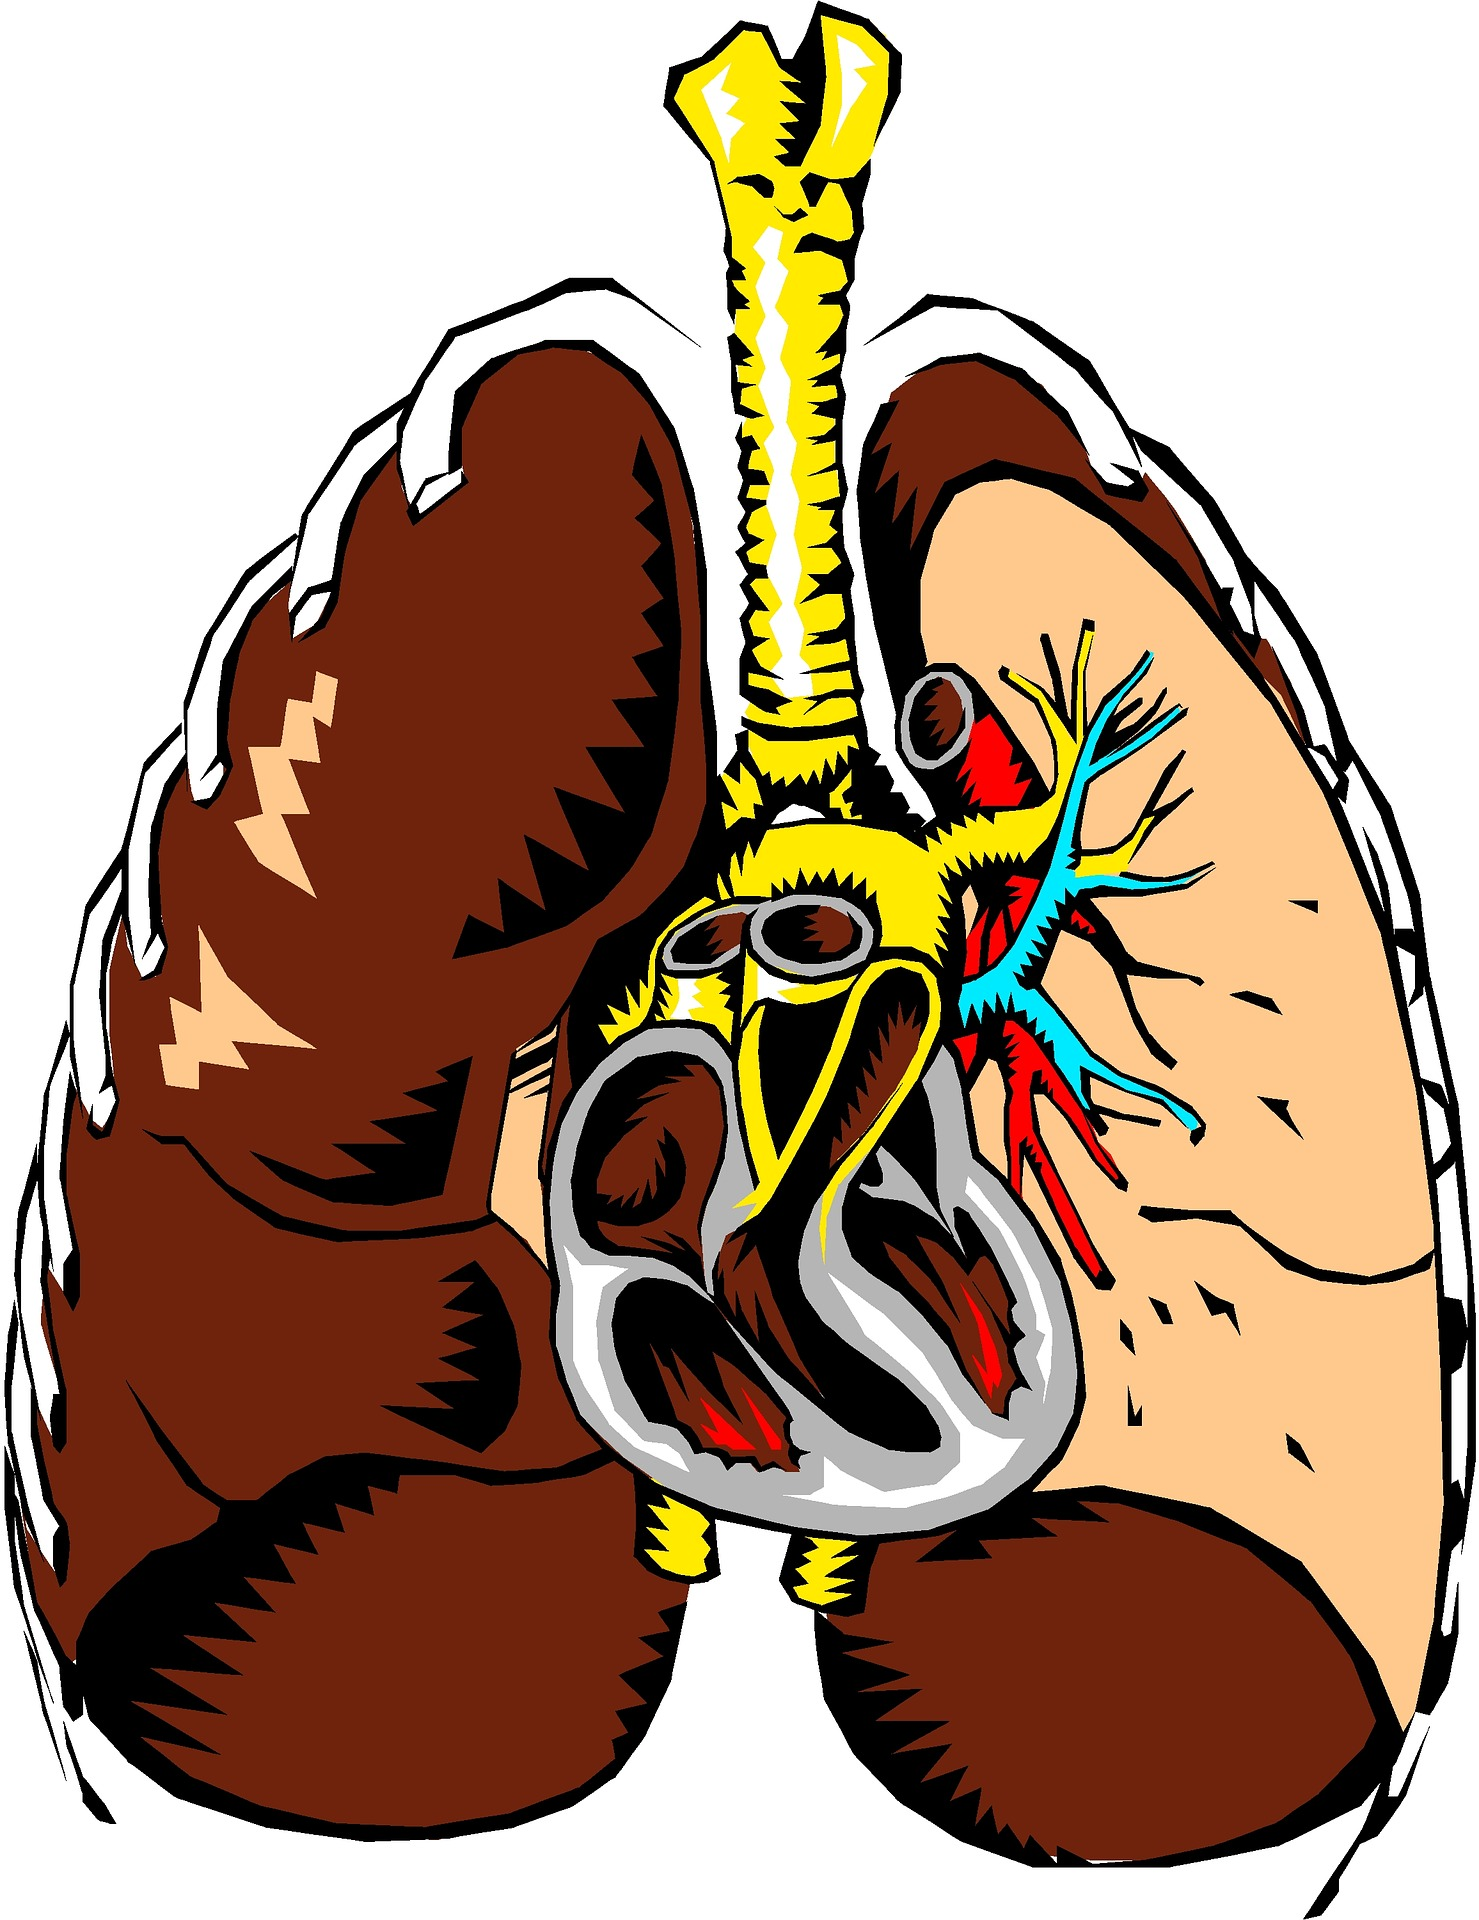 Das menschliche Herz - Biologie Artikel » Serlo.org